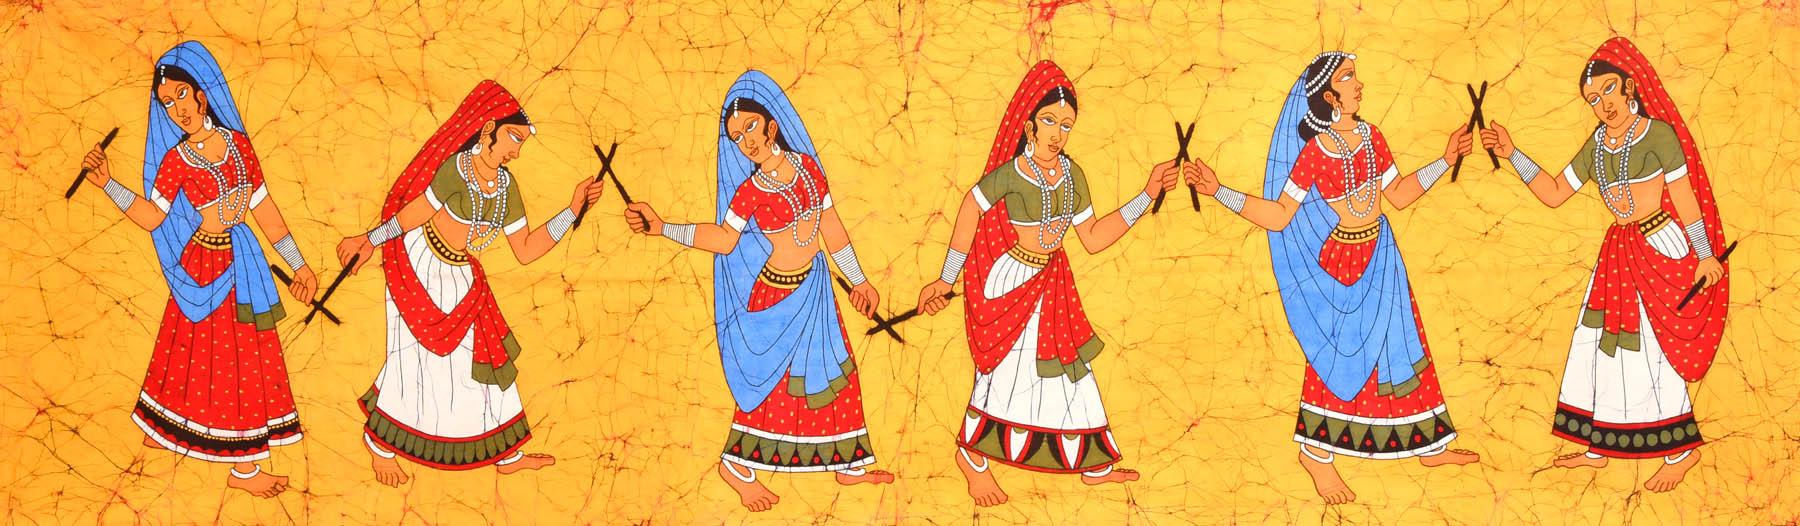 Dandia Raas  Folk Dance Dandiya Dance Clipart